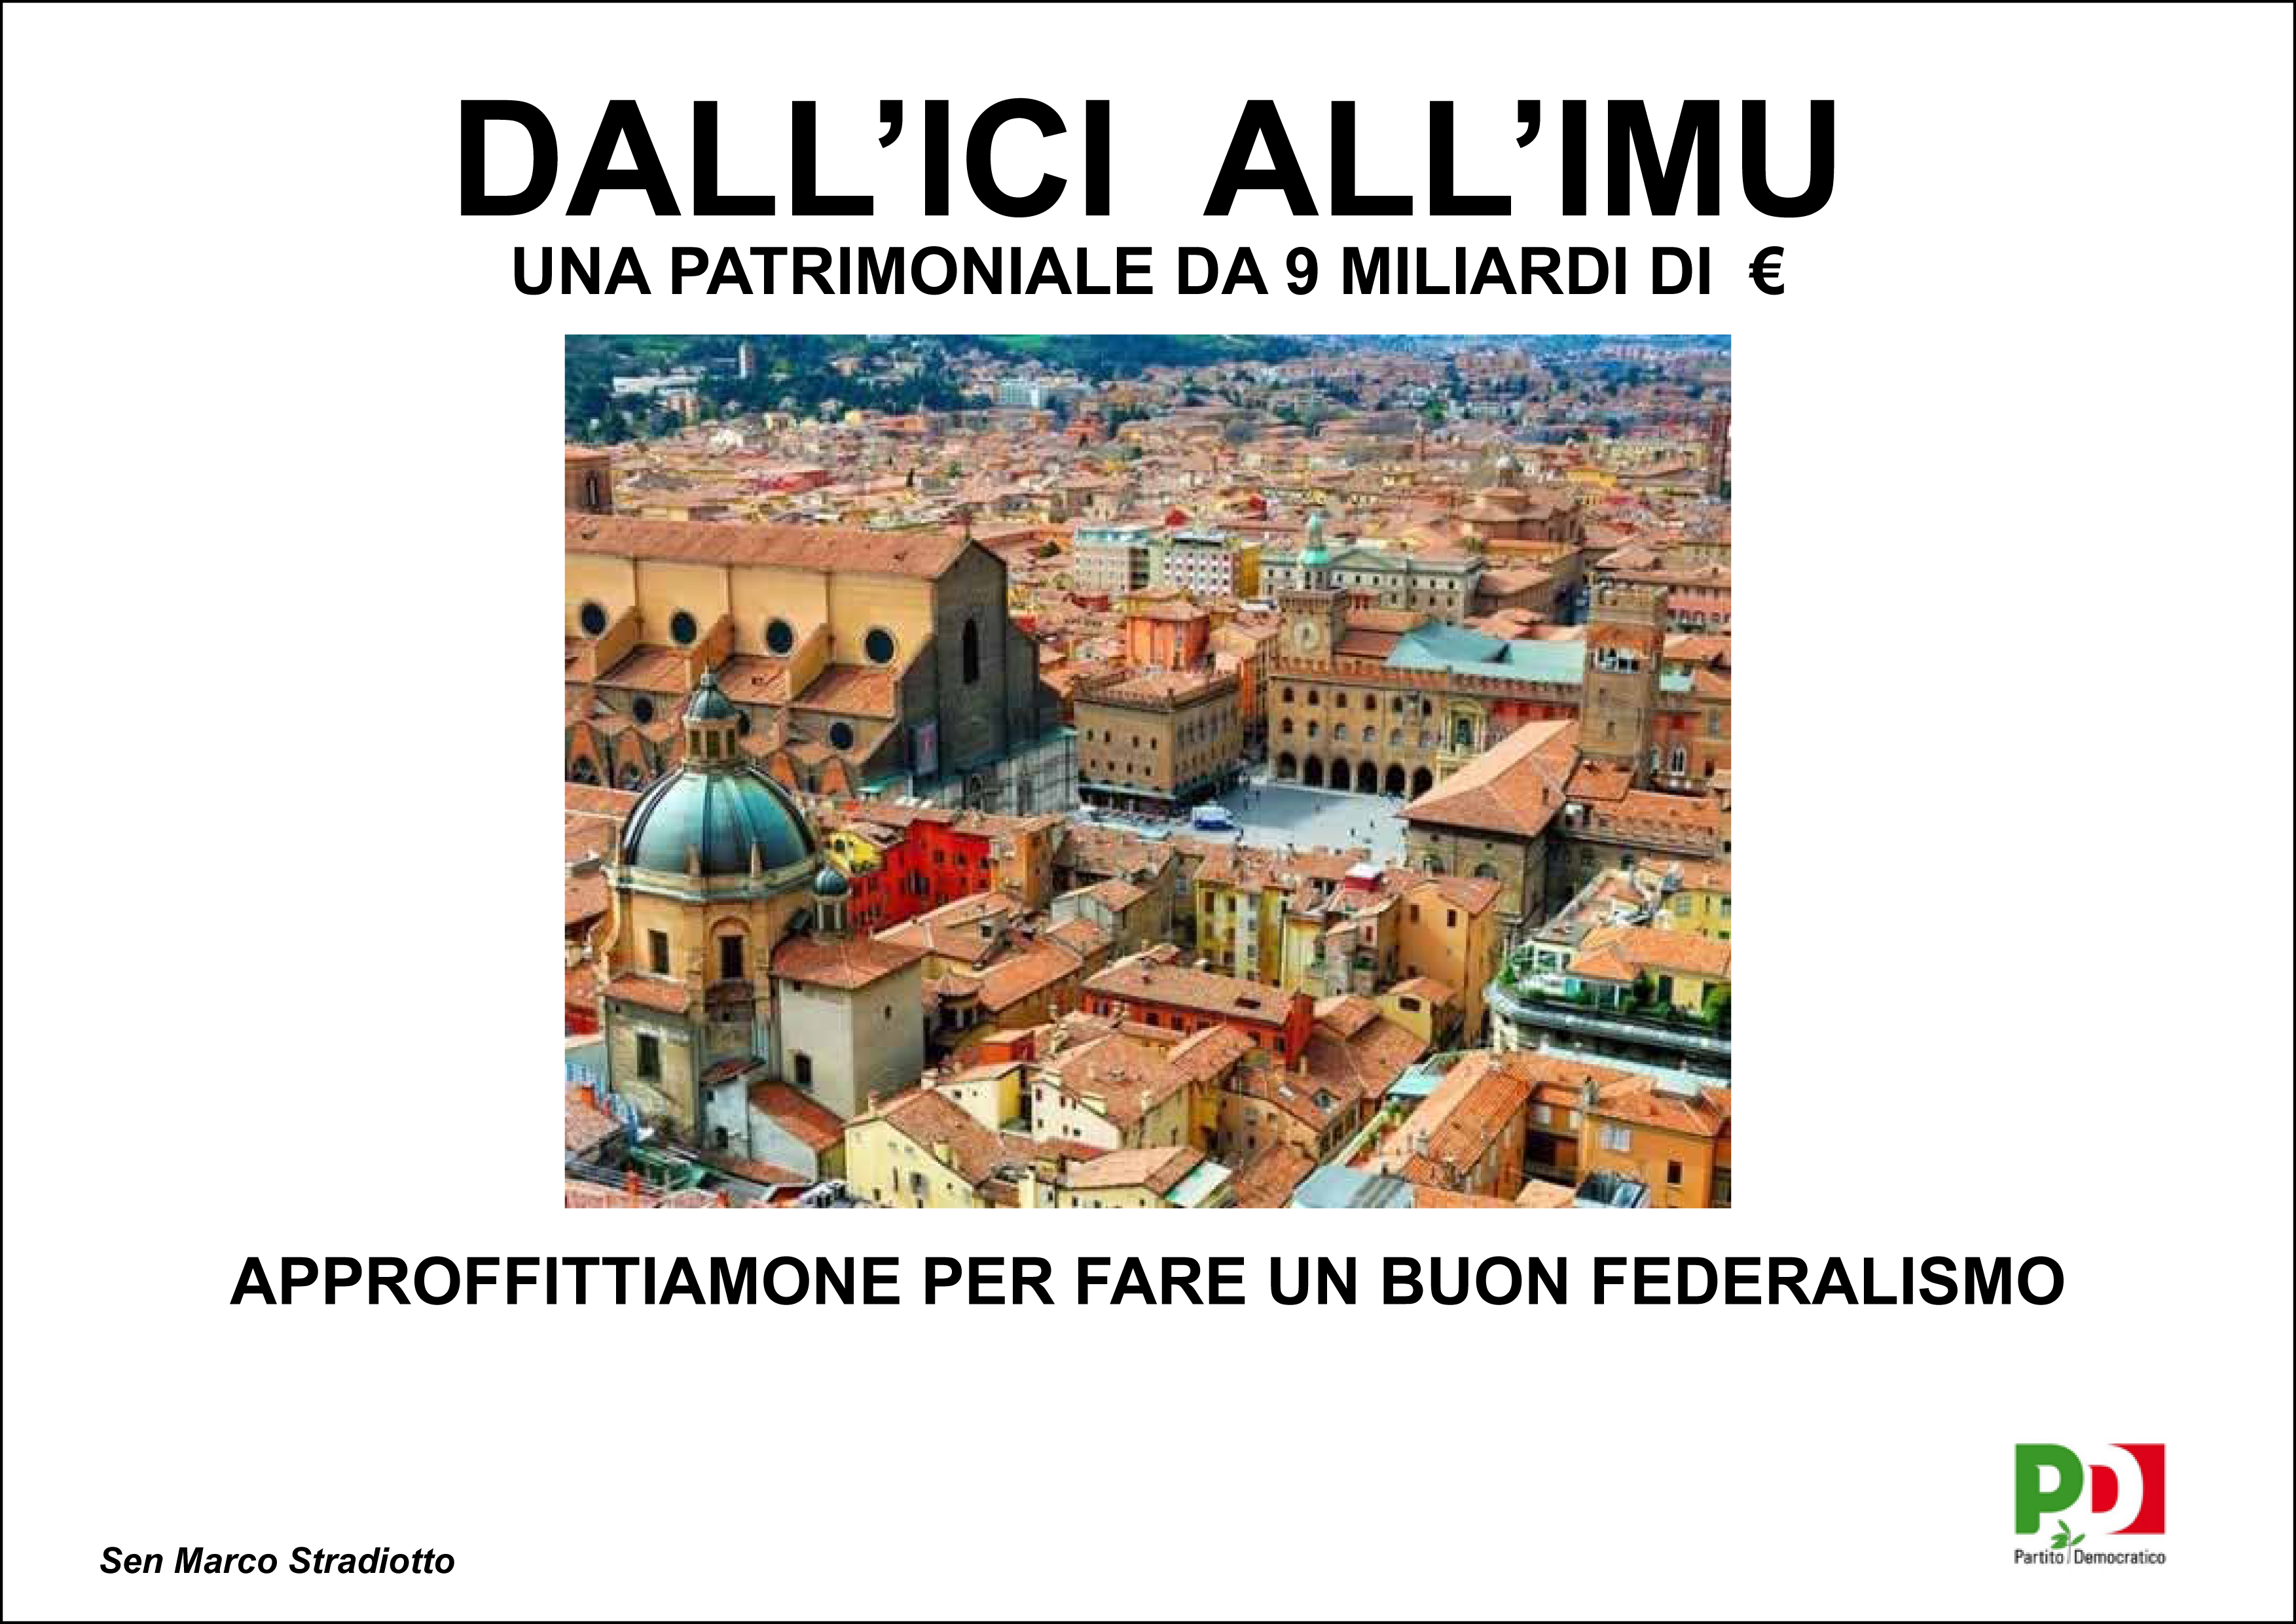 DALL'ICI ALL'IMU : UNA PATRIMONIALE DA 9 MILIARDI DI EURO